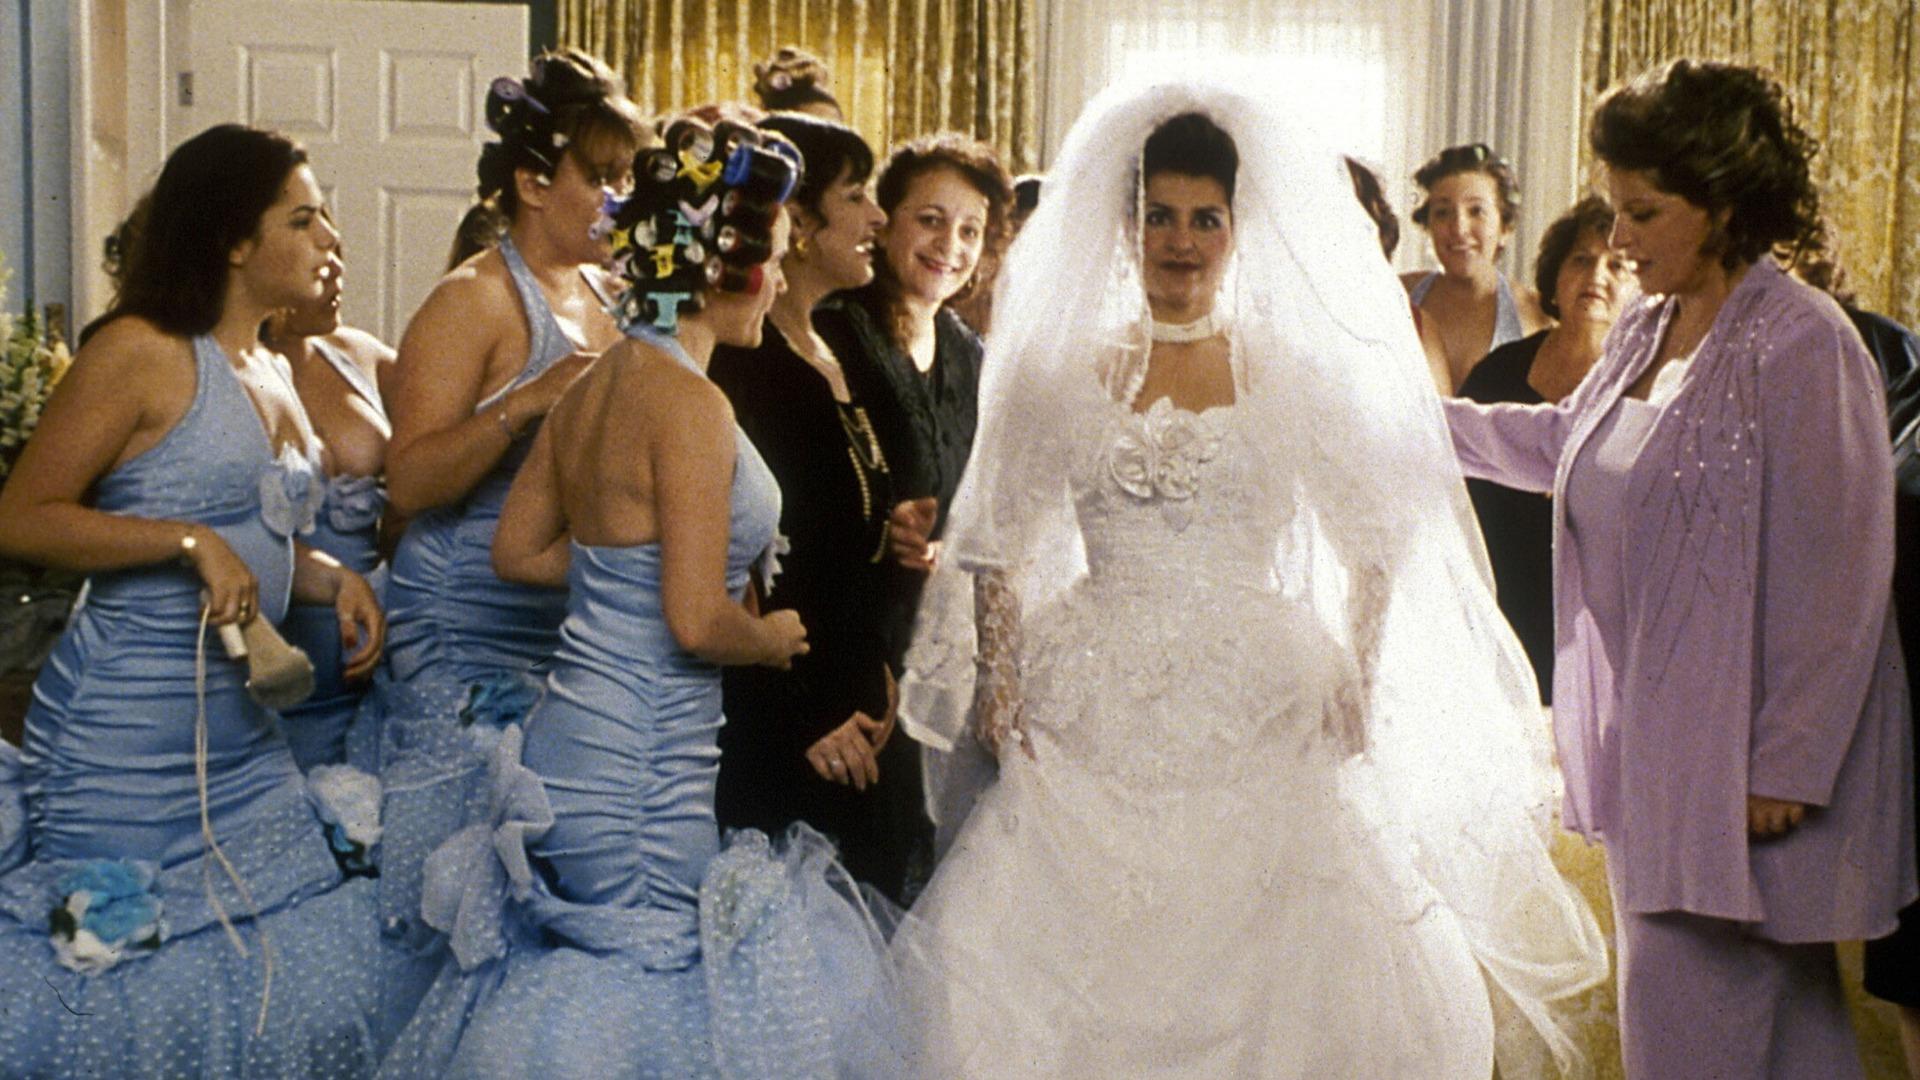 Sequel To My Big Fat Greek Wedding Has Been Confirmed